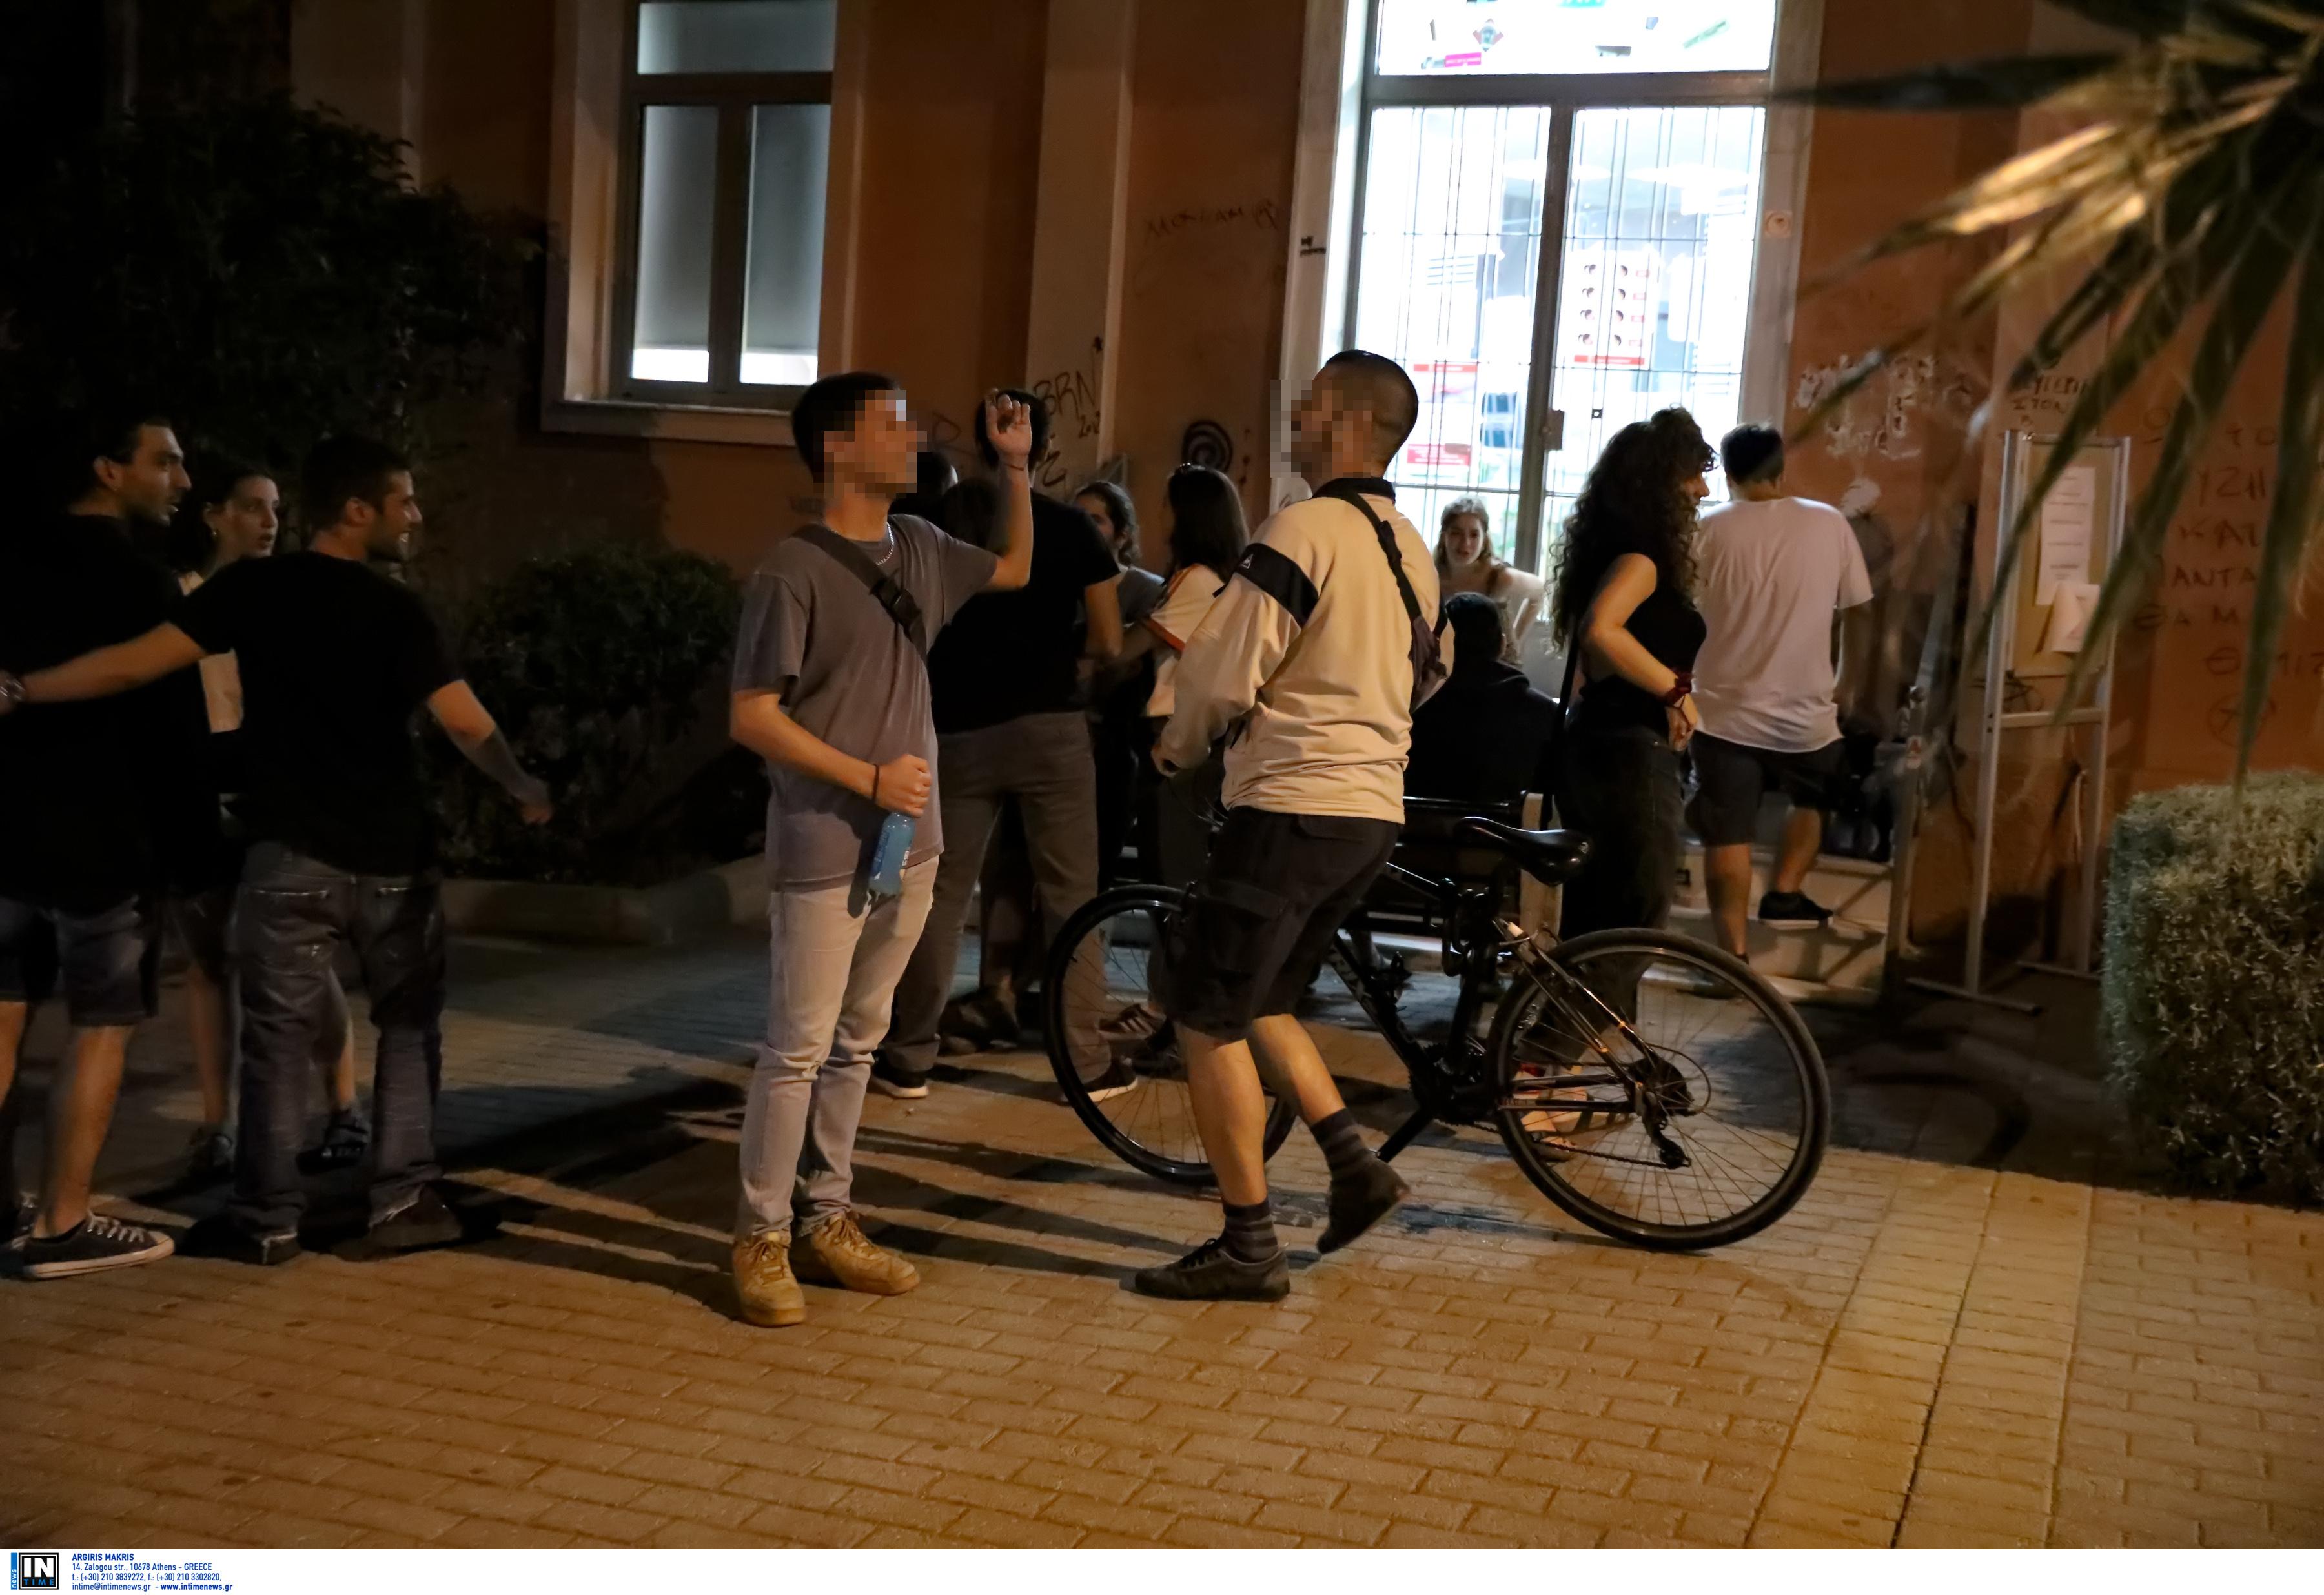 Κορωνοϊός: Τα περίπτερα έκλεισαν, οι πλατείες παρέμειναν γεμάτες